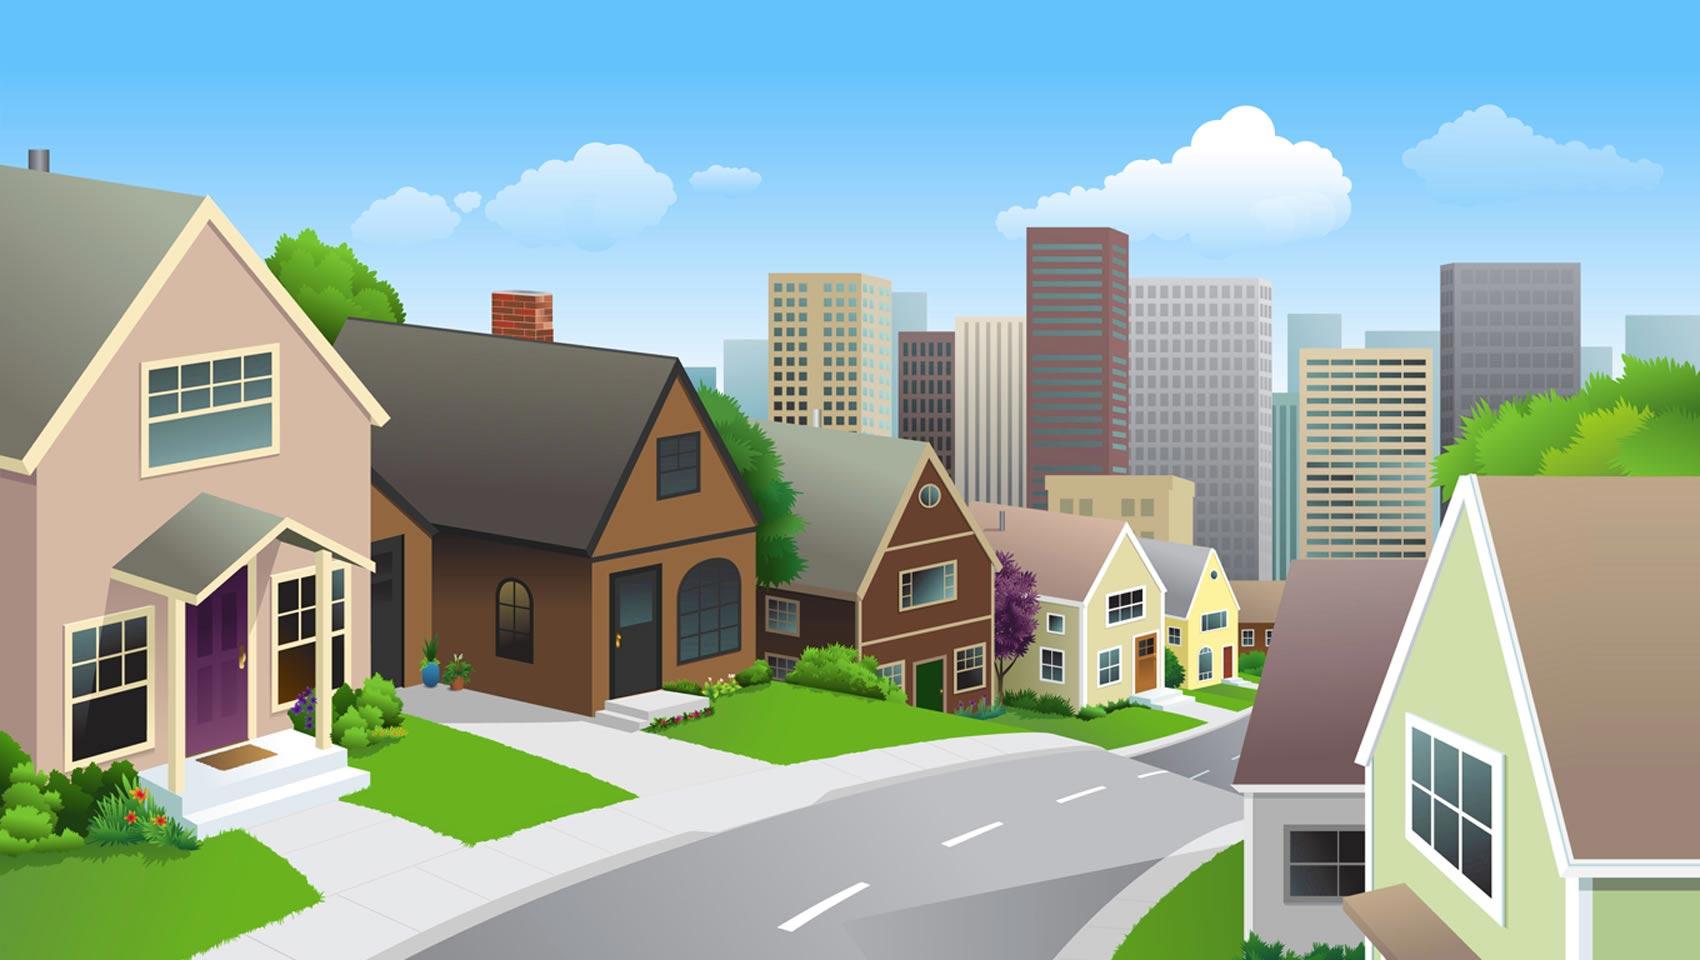 Neighborhood Clipart 1